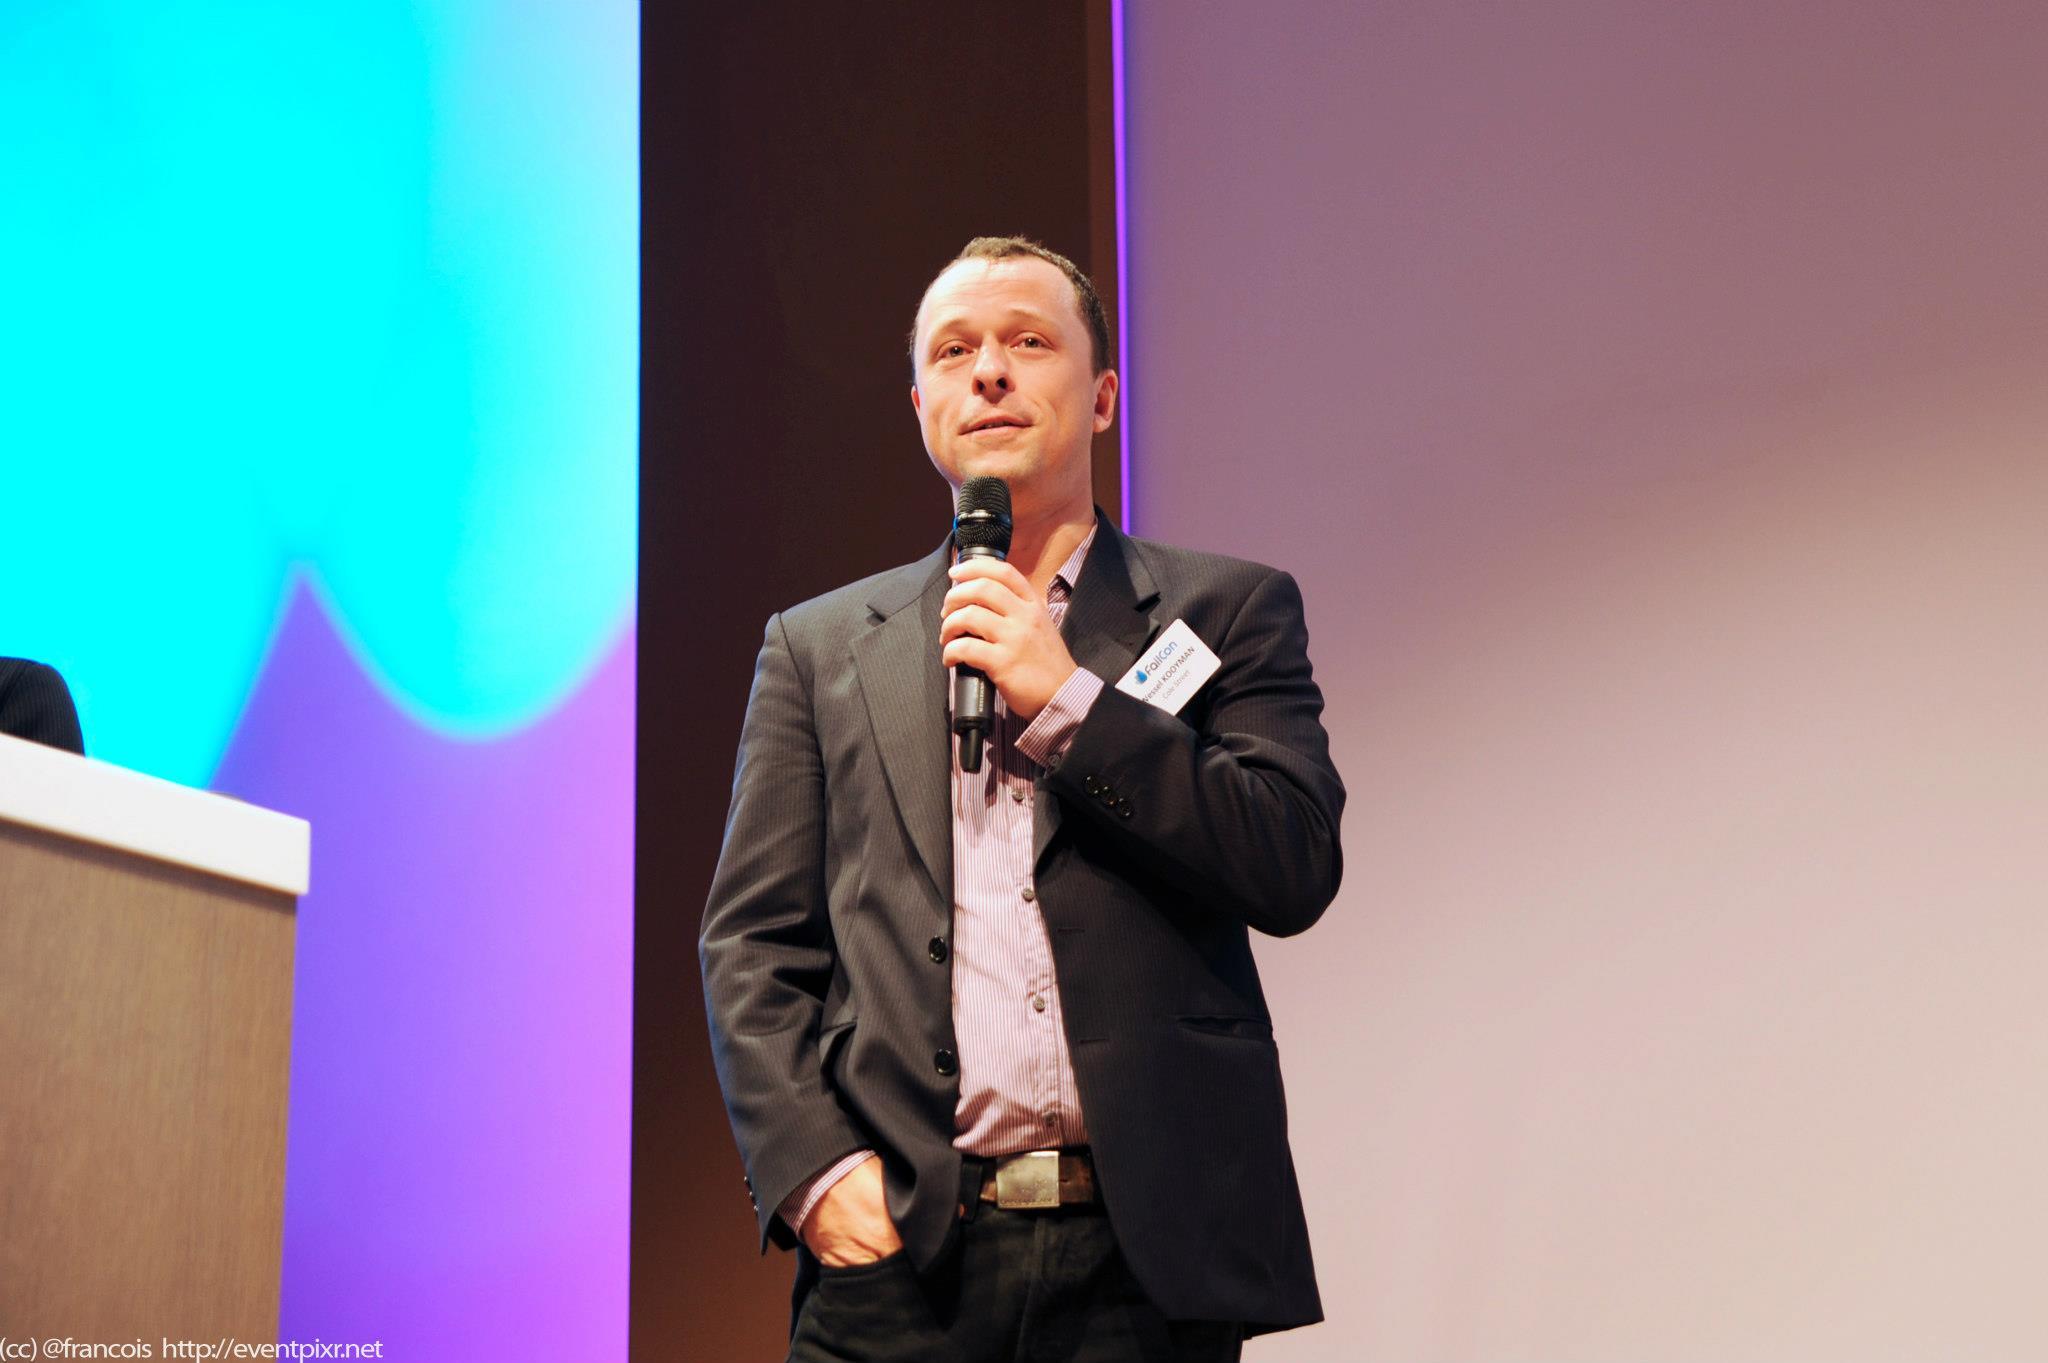 Wessel Kooyman